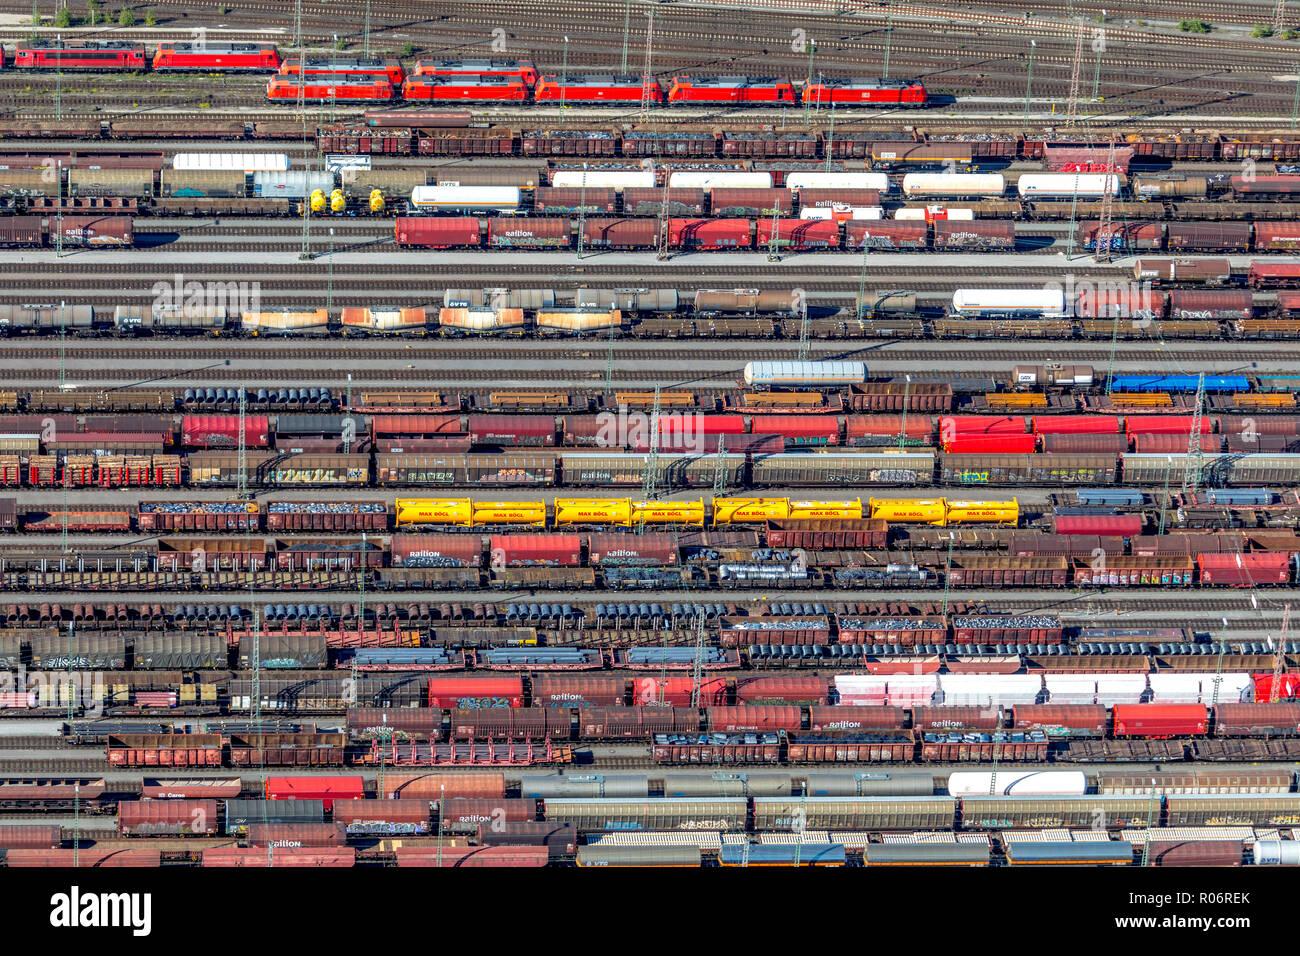 Aerial view, Hagen-Vorhalle marshalling yard, train wagons, freight trains, Hagen, Ruhr area, North Rhine-Westphalia, Germany, Europe, DEU, birds-eyes Stock Photo